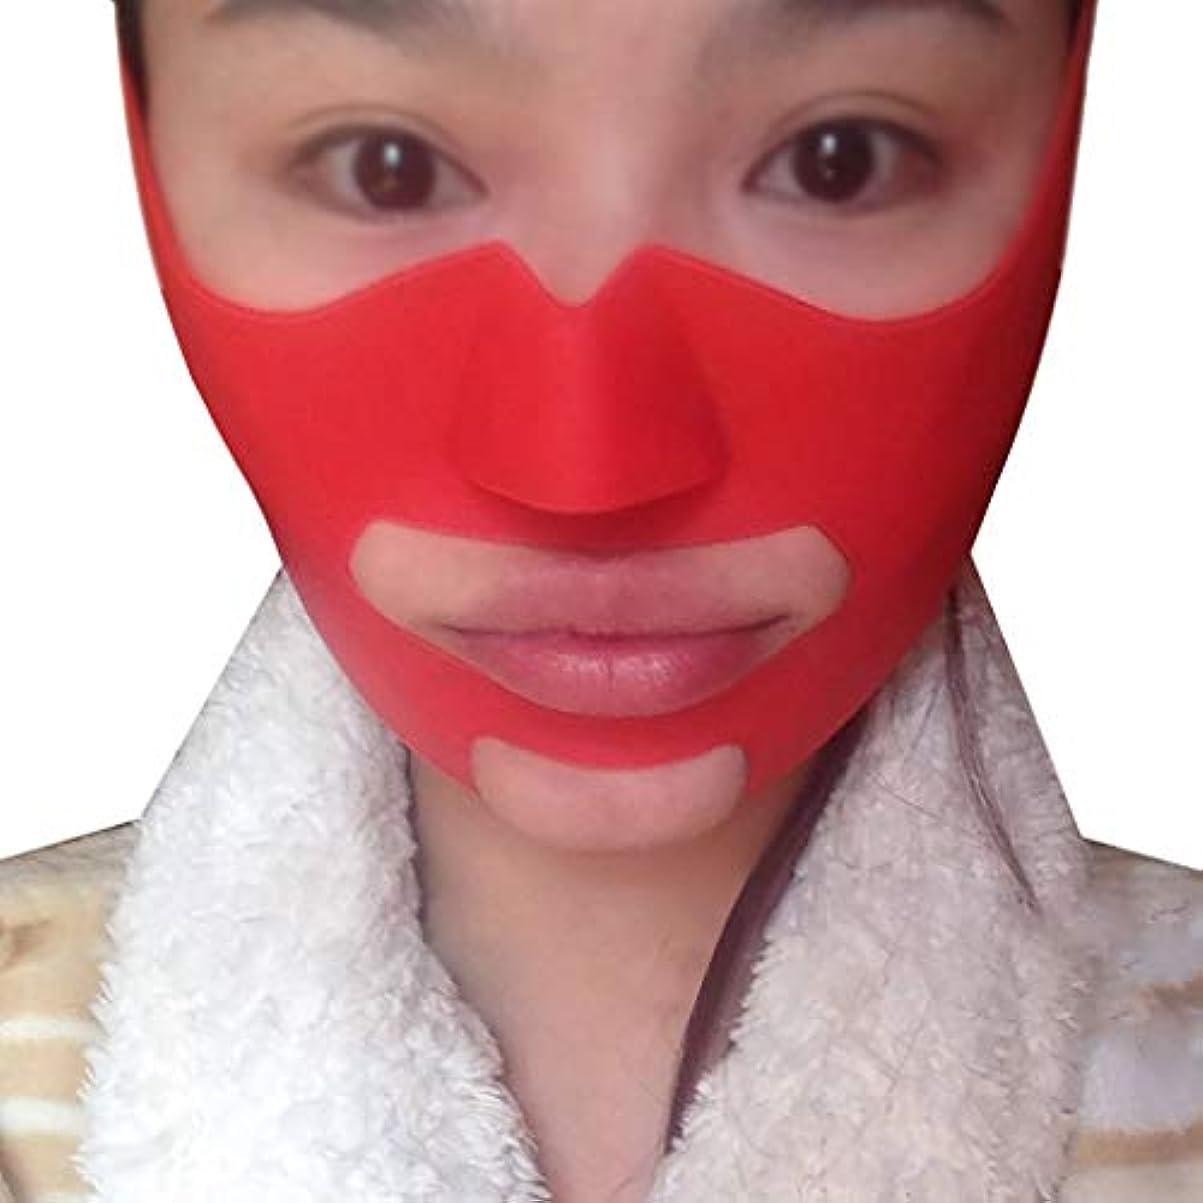 値下げ平らな主フェイスリフトマスク、シリコーンVフェイスマスクフェイスマスク強力な薄い咬筋の筋肉は、パターンのアーティファクト小さなVフェイス包帯の顔と首のリフトを解くためにリンゴの筋肉を持ち上げます